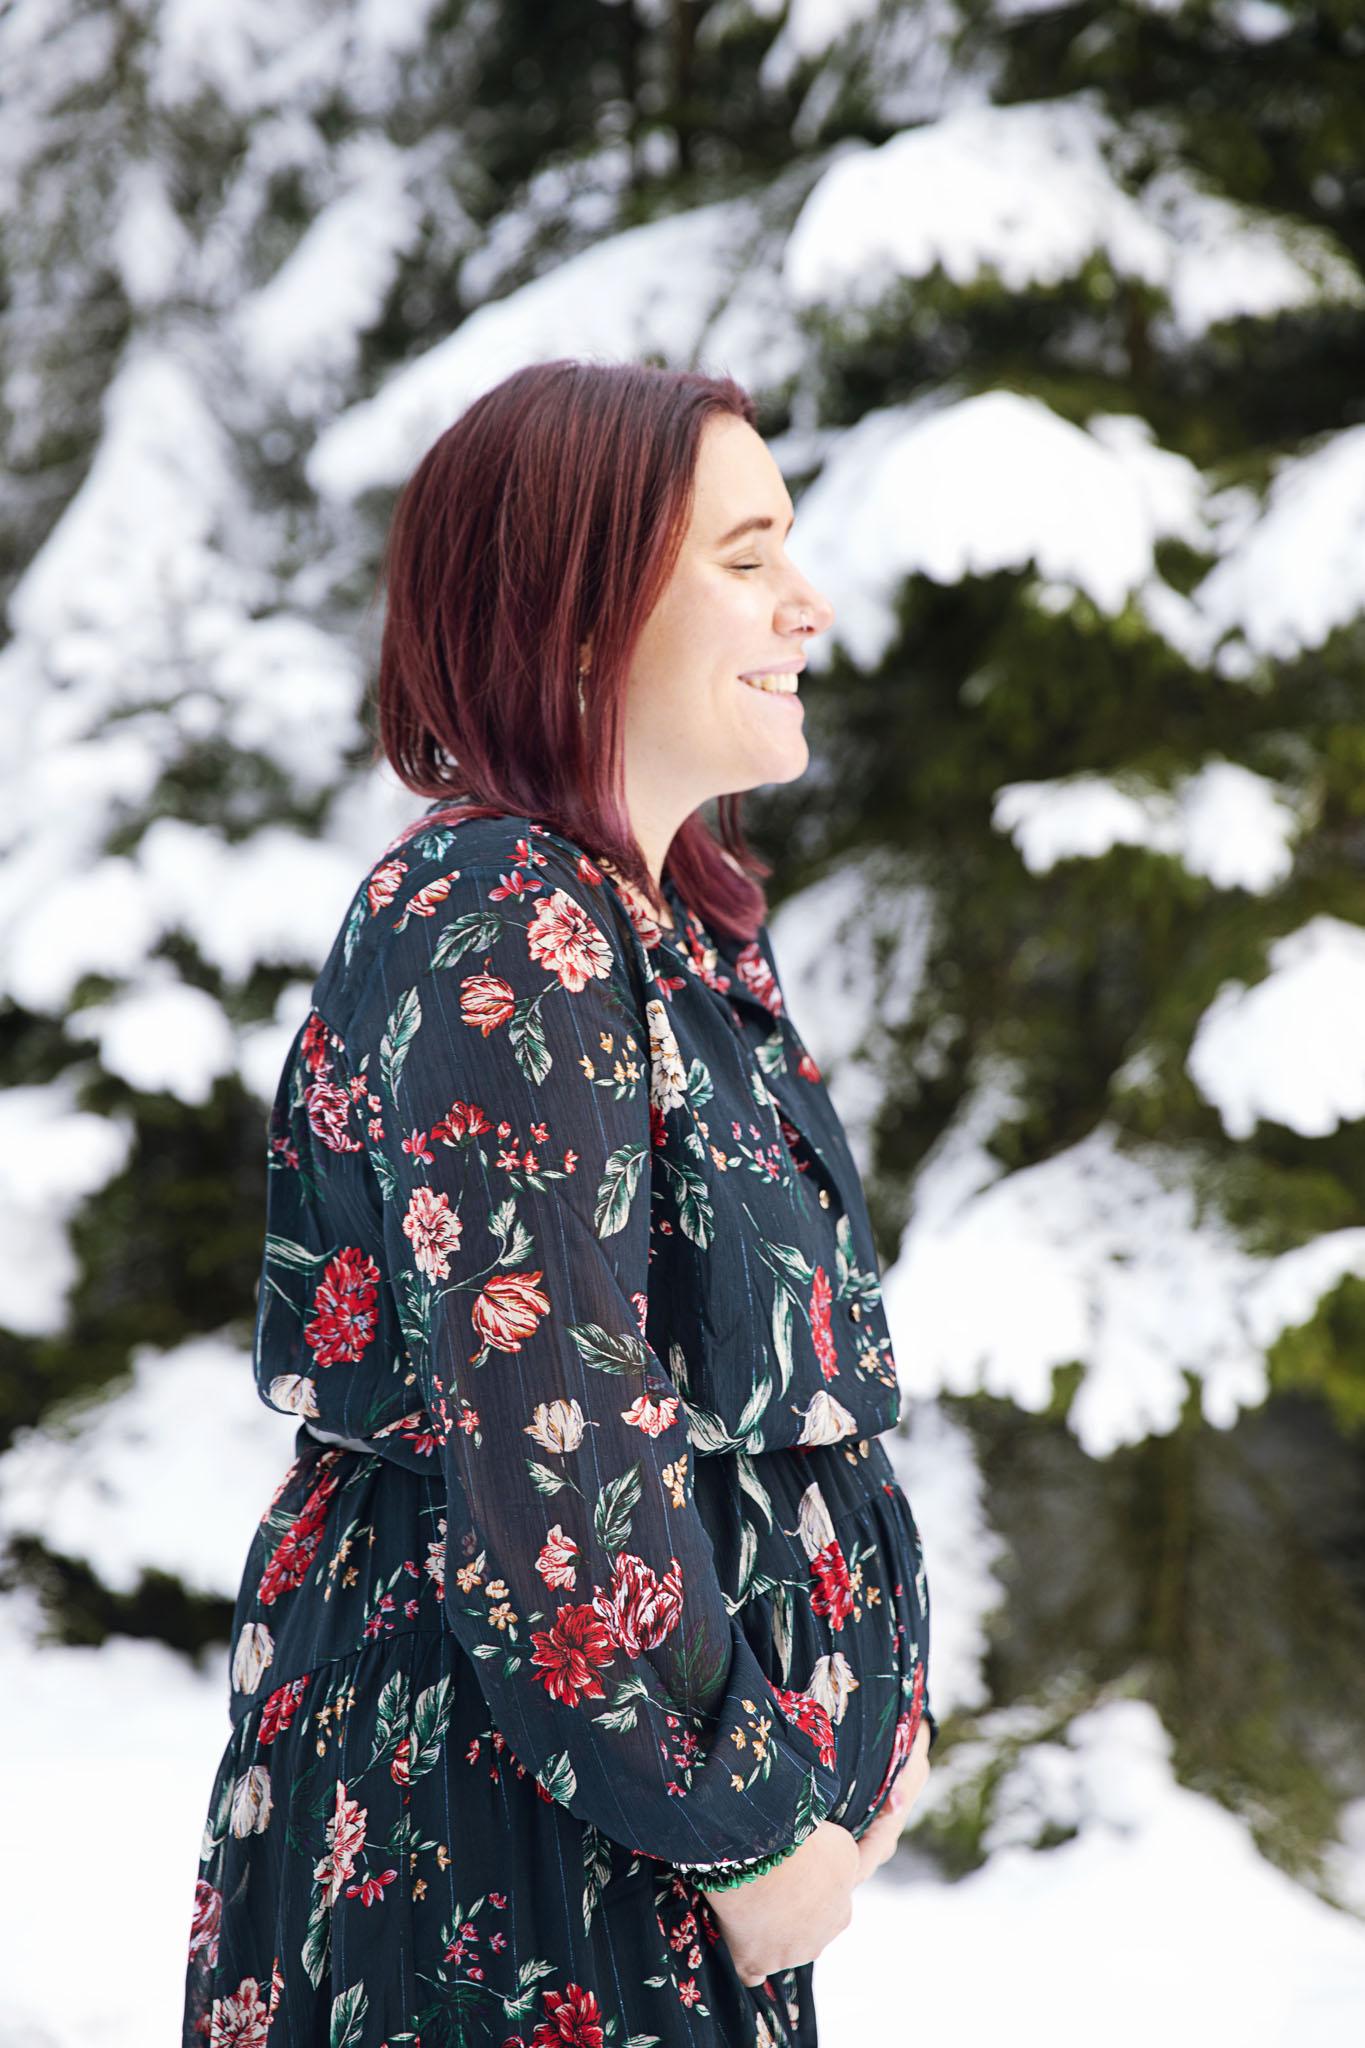 Gravidfotografering med gravidfotografen fotograf Emy Laholm